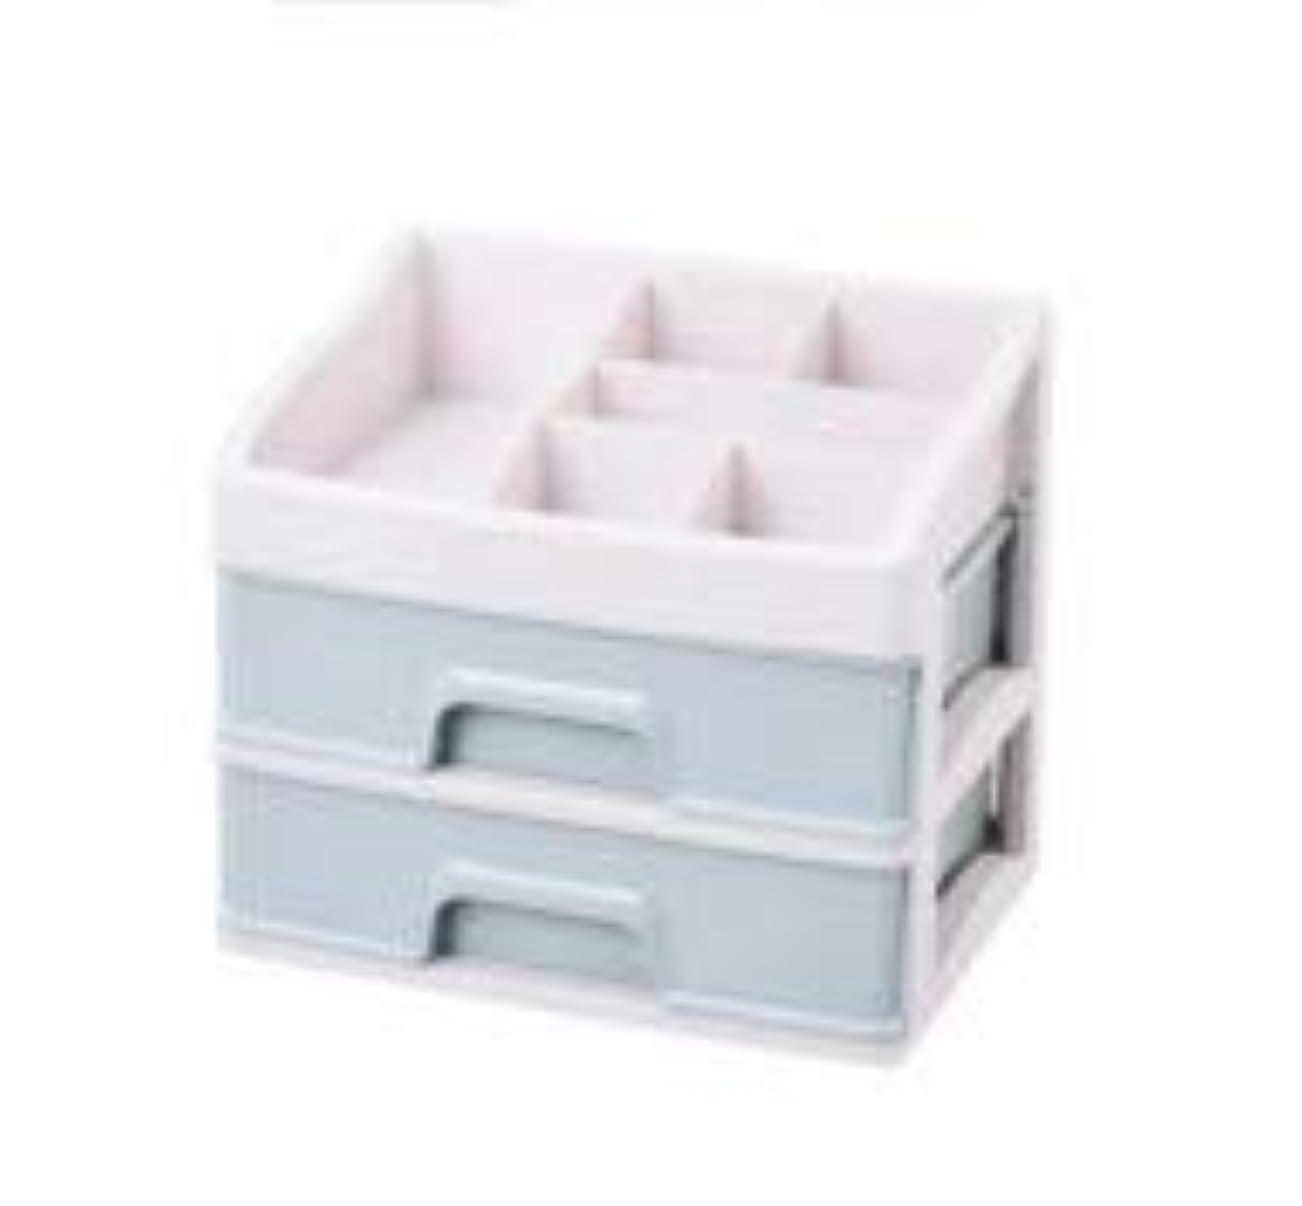 技術的な好奇心特別な化粧品収納ボックス引き出しデスクトップ収納ラック化粧台化粧品ケーススキンケア製品 (Size : M)